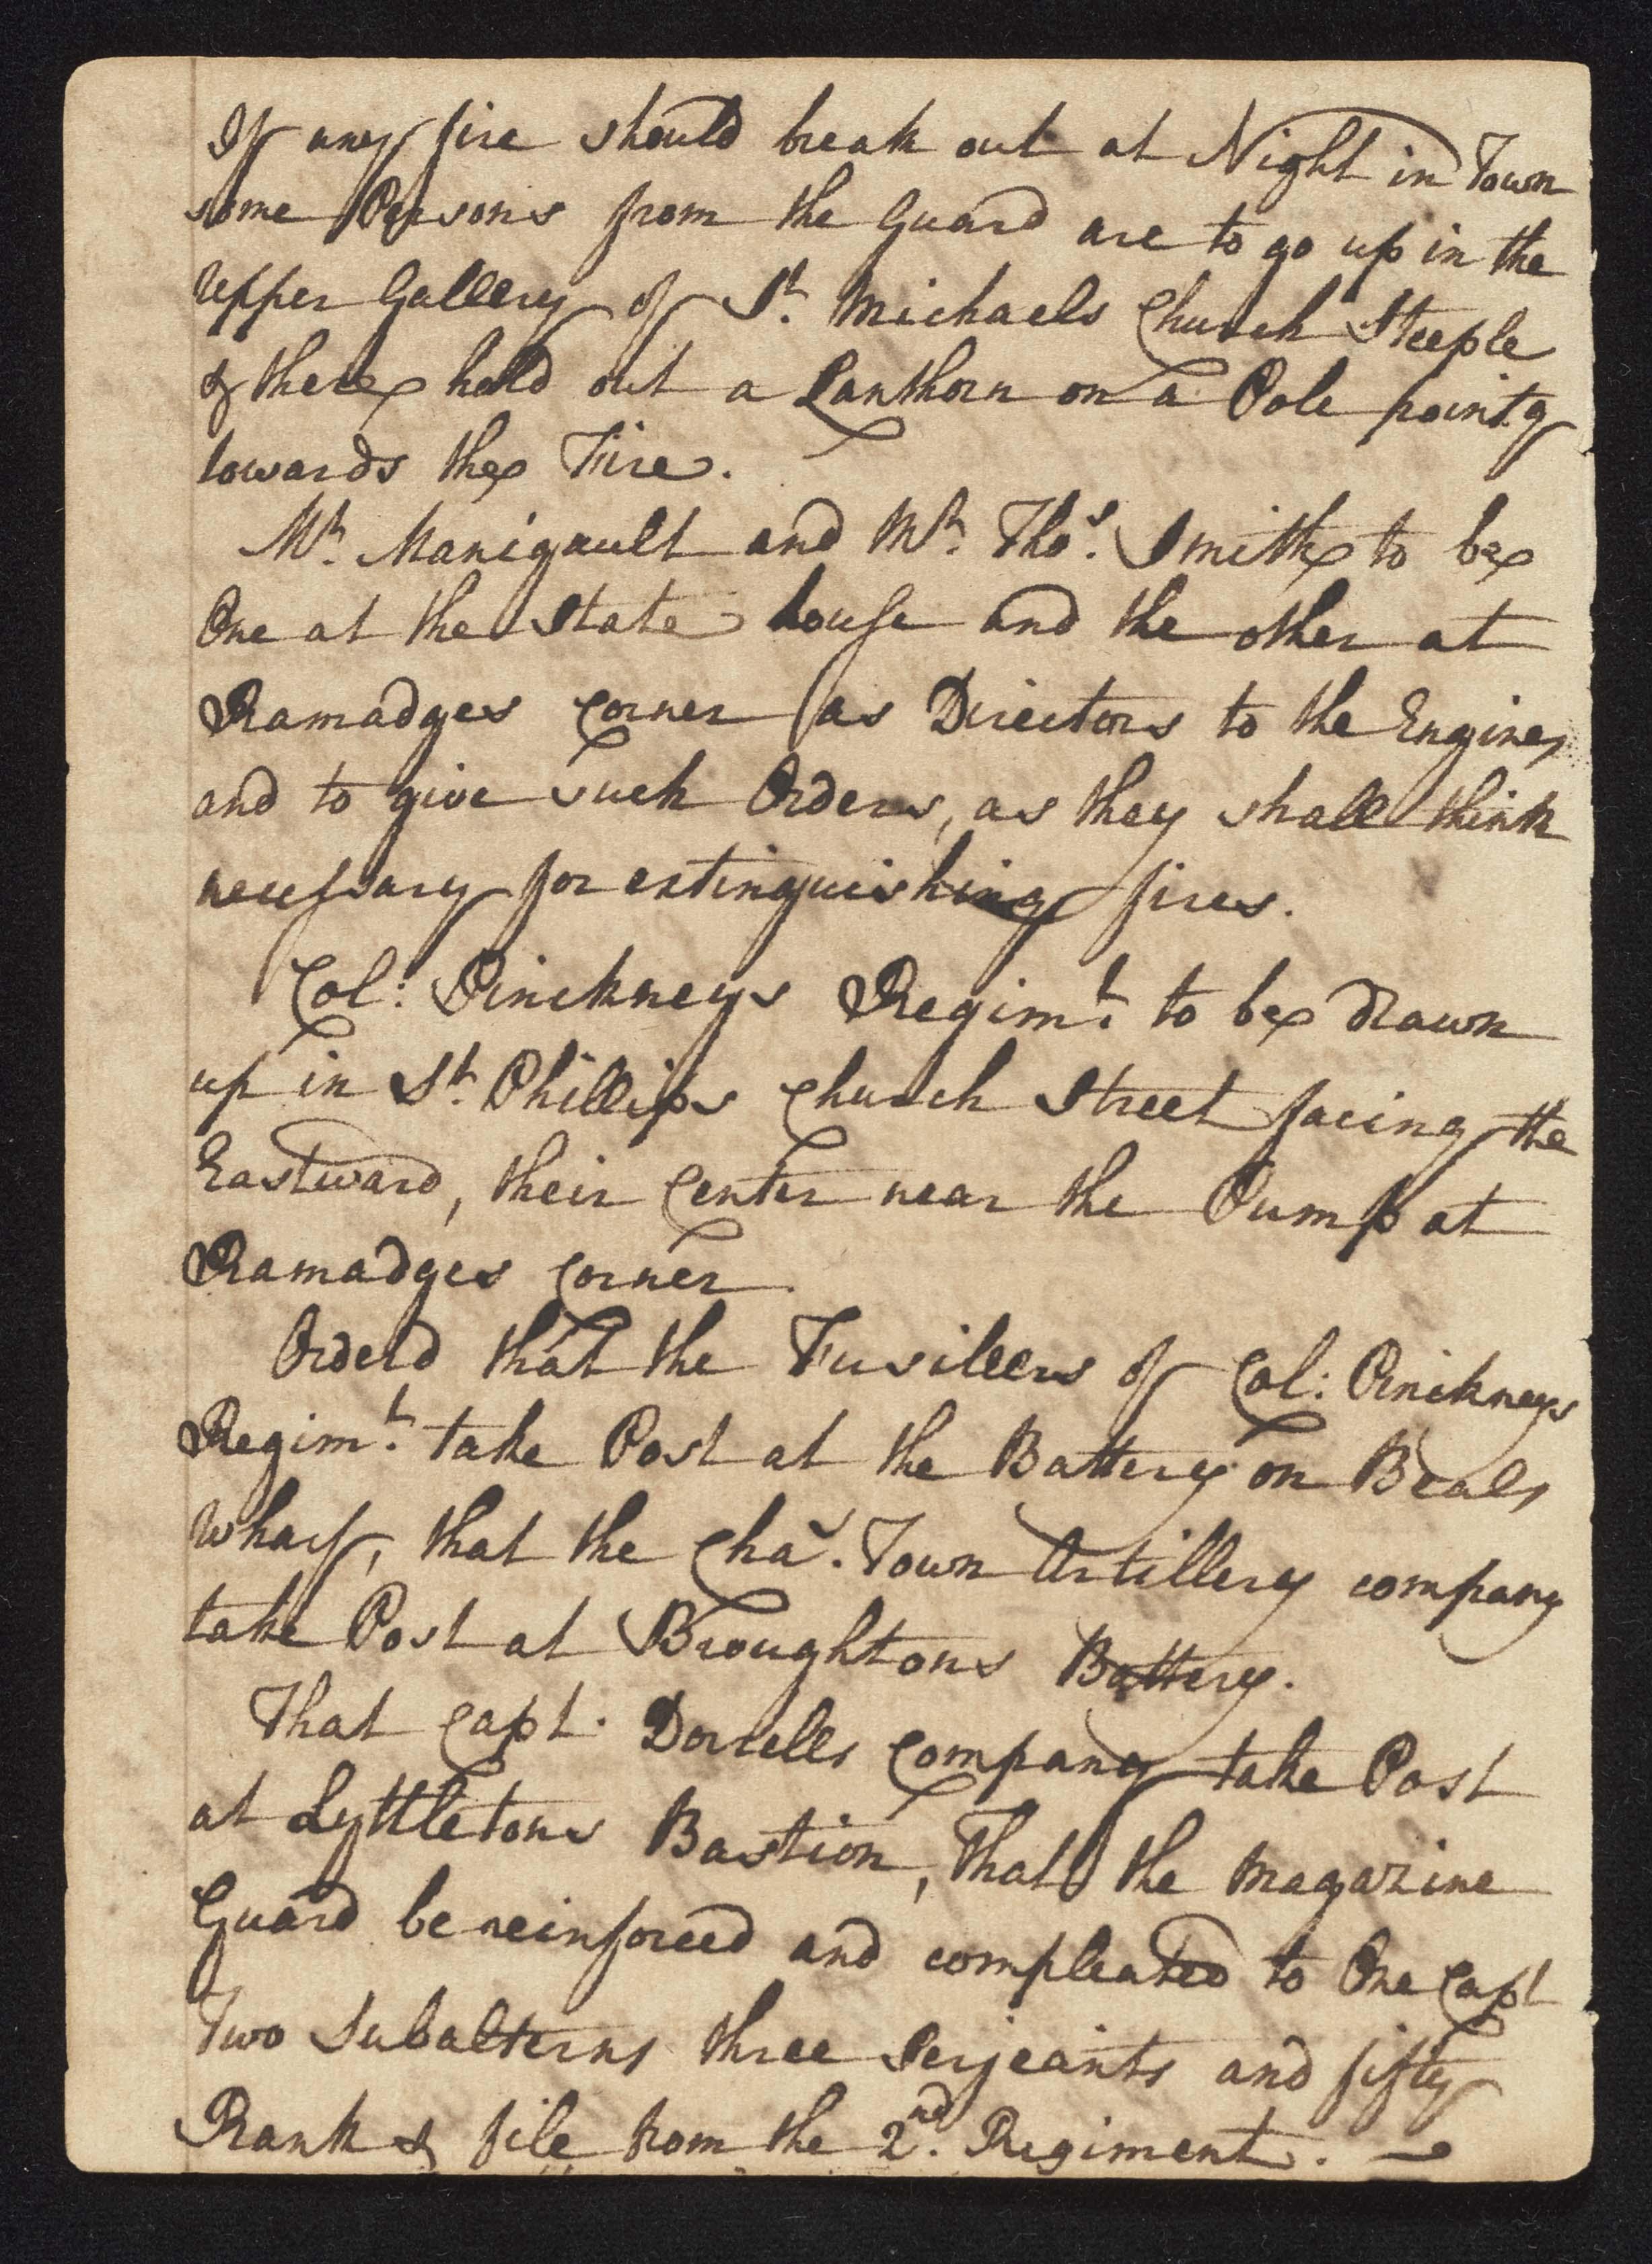 South Carolina Regiment Order Book, Page 62